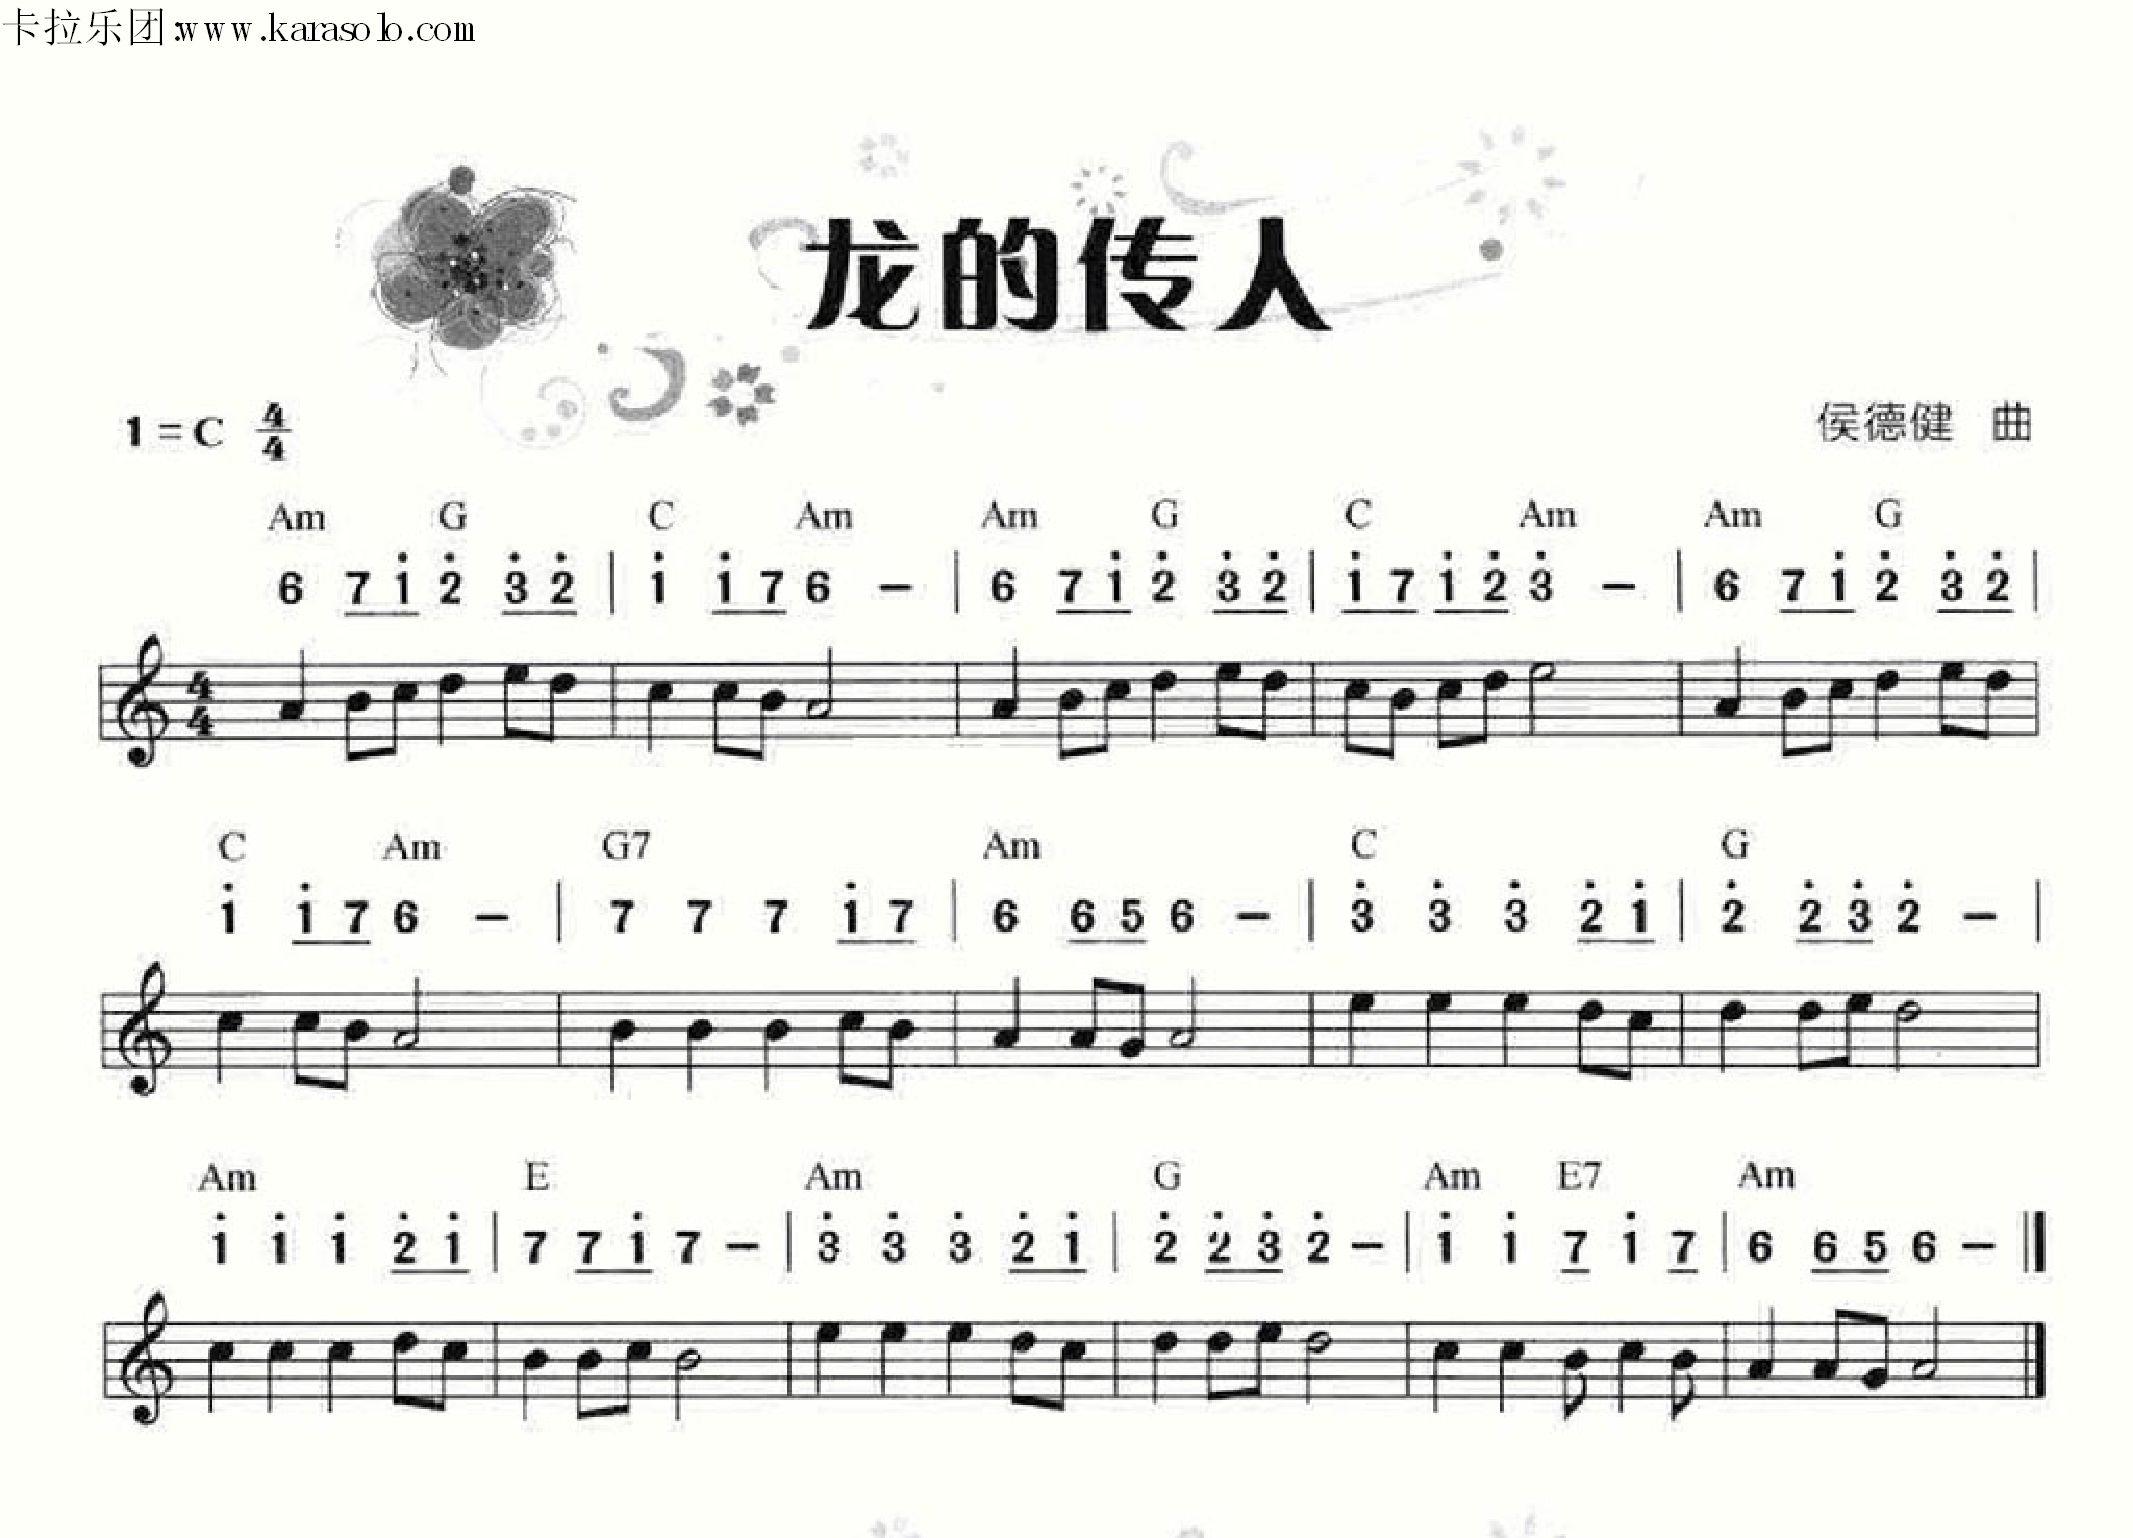 龙的传人的简谱c调五线谱上要有音符